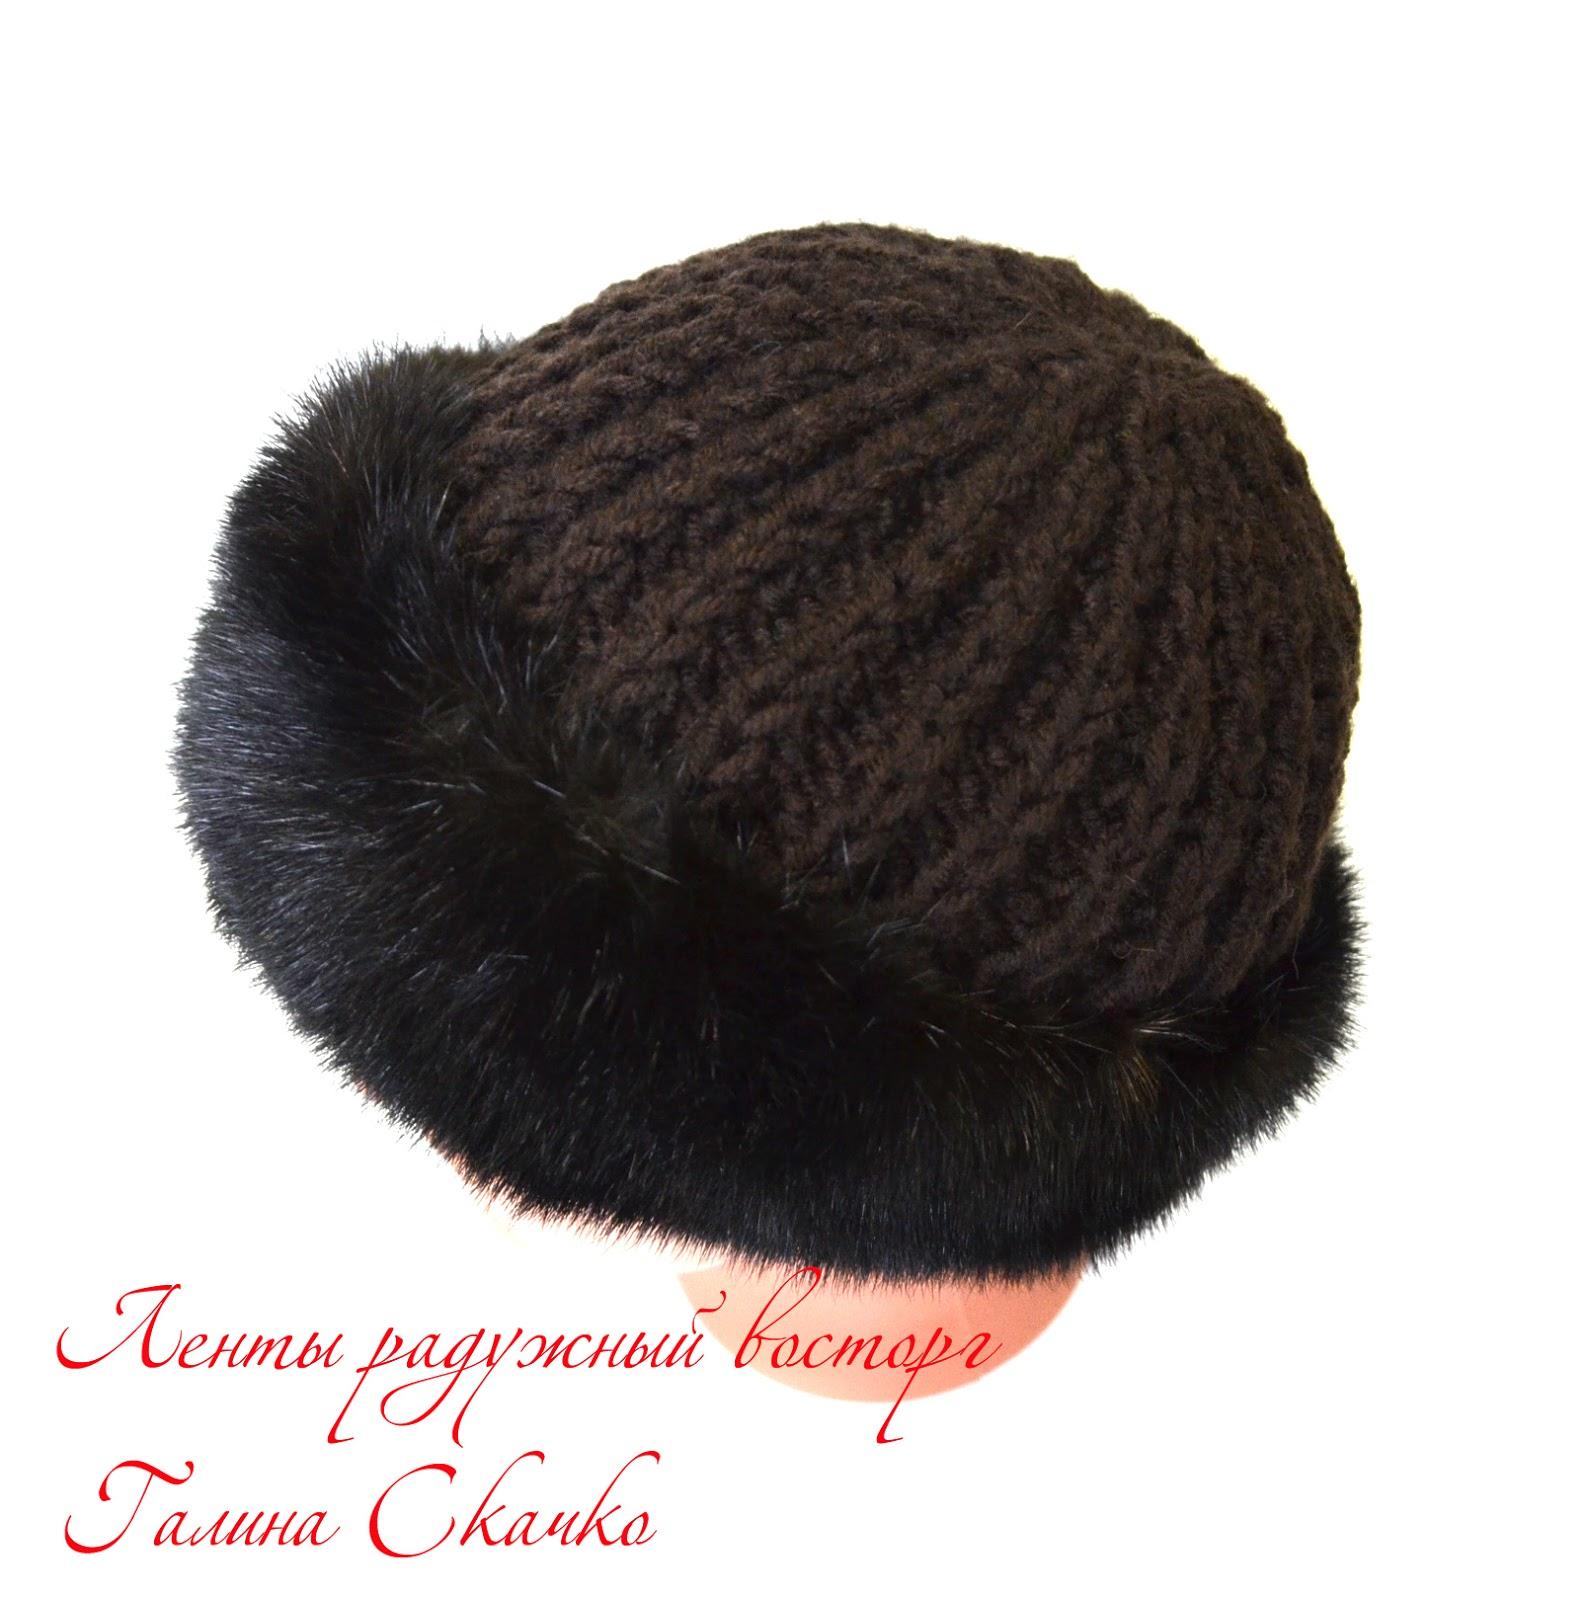 Вязание с мехом, вязание и мех, теплые шапочки